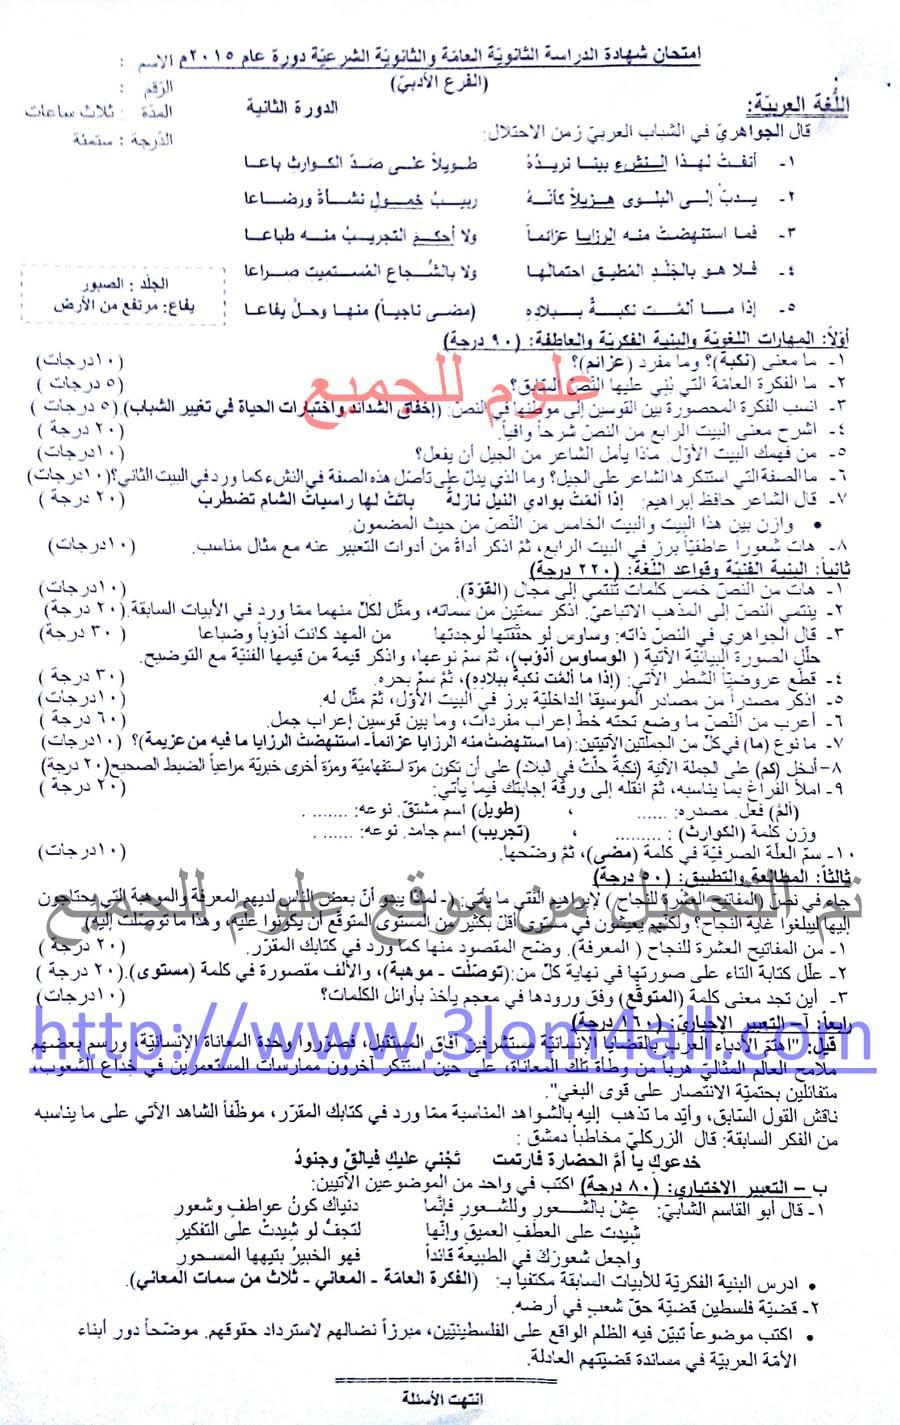 ورقة اسئلة اللغة العربية البكالوريا الأدبي 2015 الدورة الثانية اسئلة الدورات